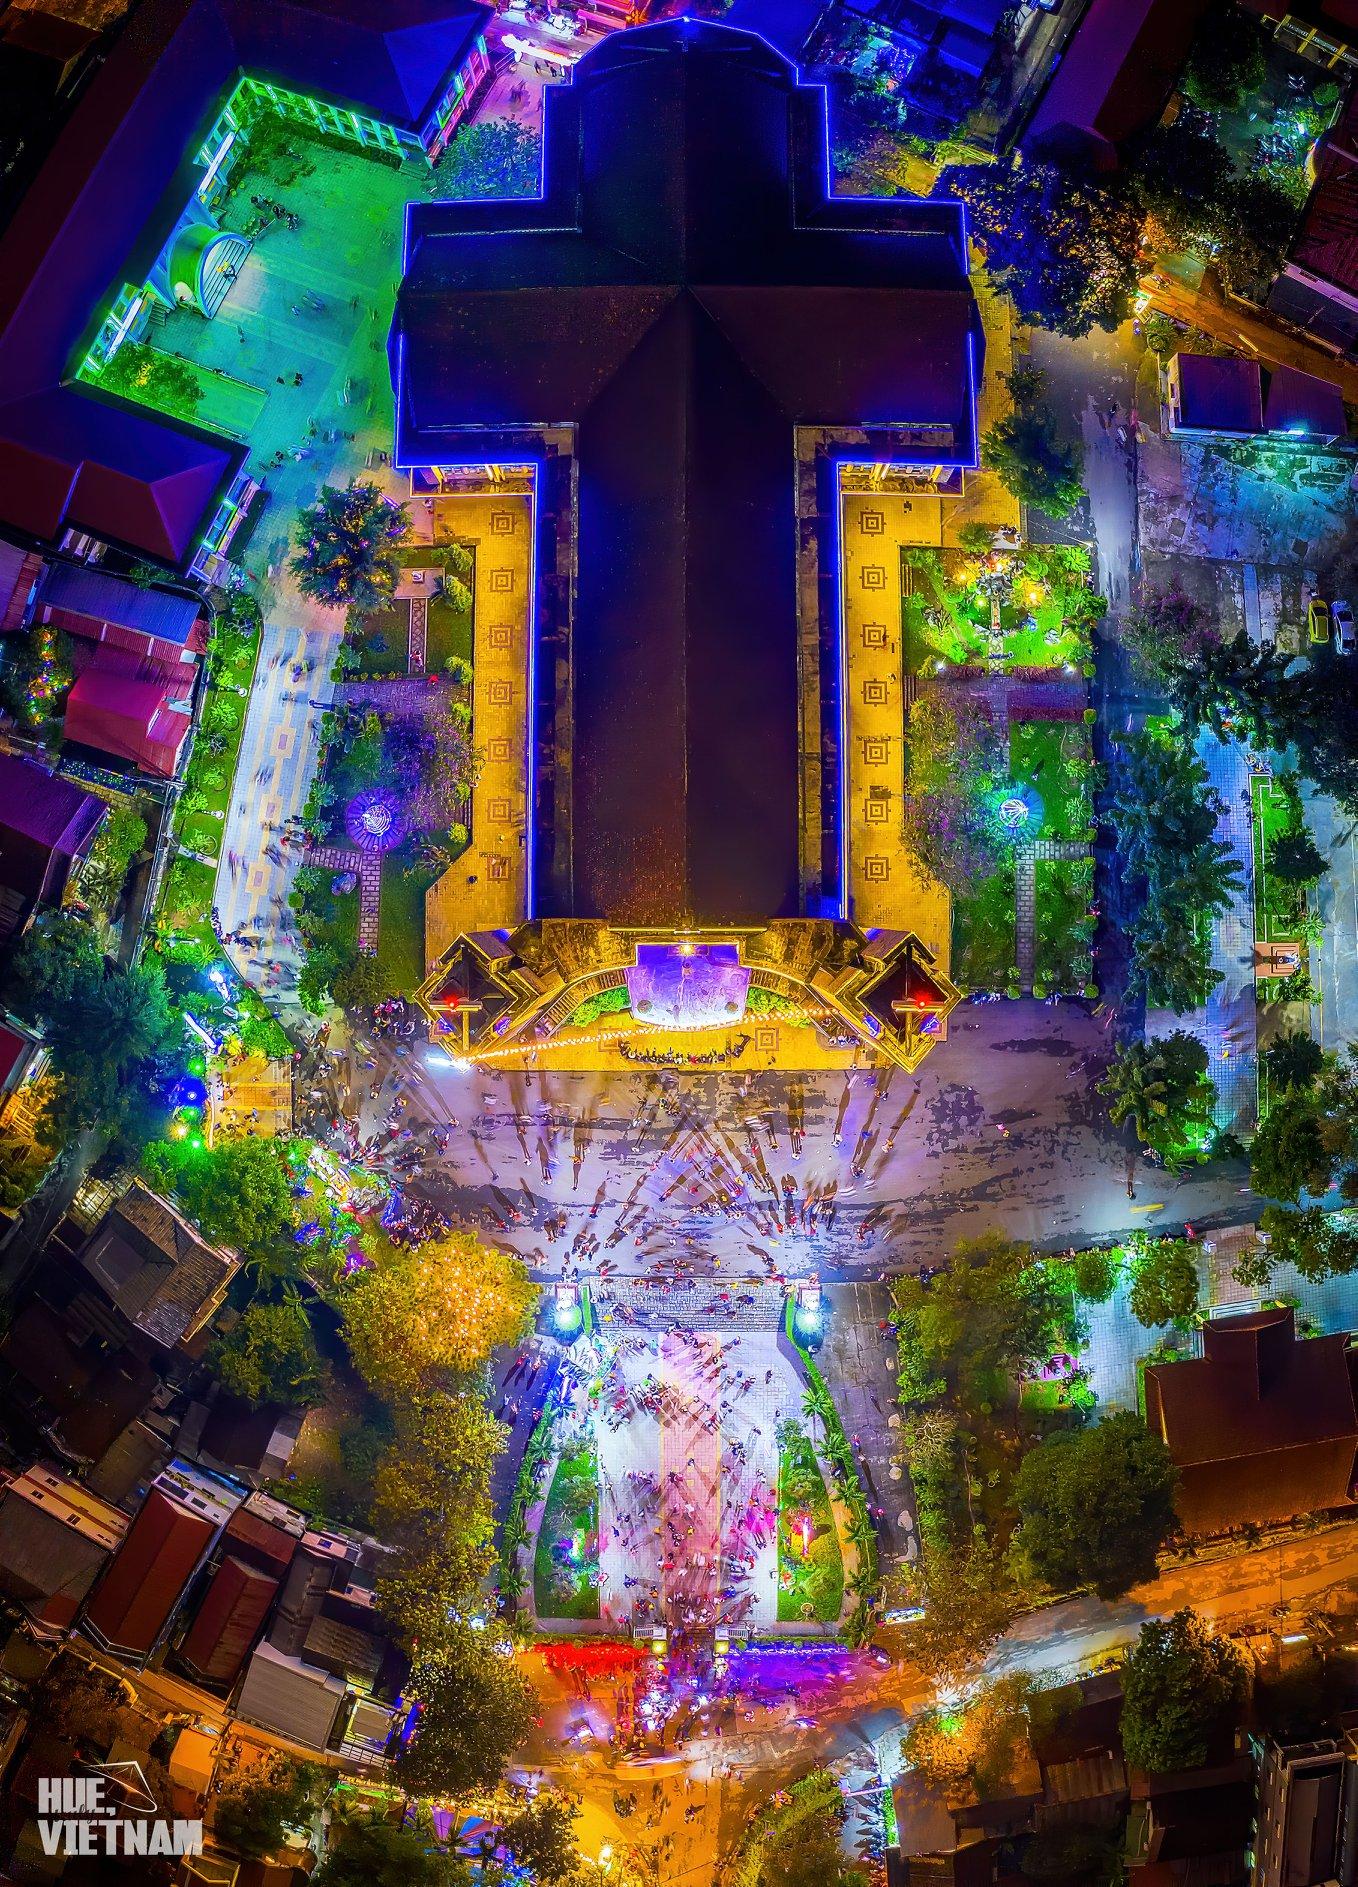 Toàn cảnh trên cao của nhà thờ Phủ Cam. Hình: Hue, truly Vietnam